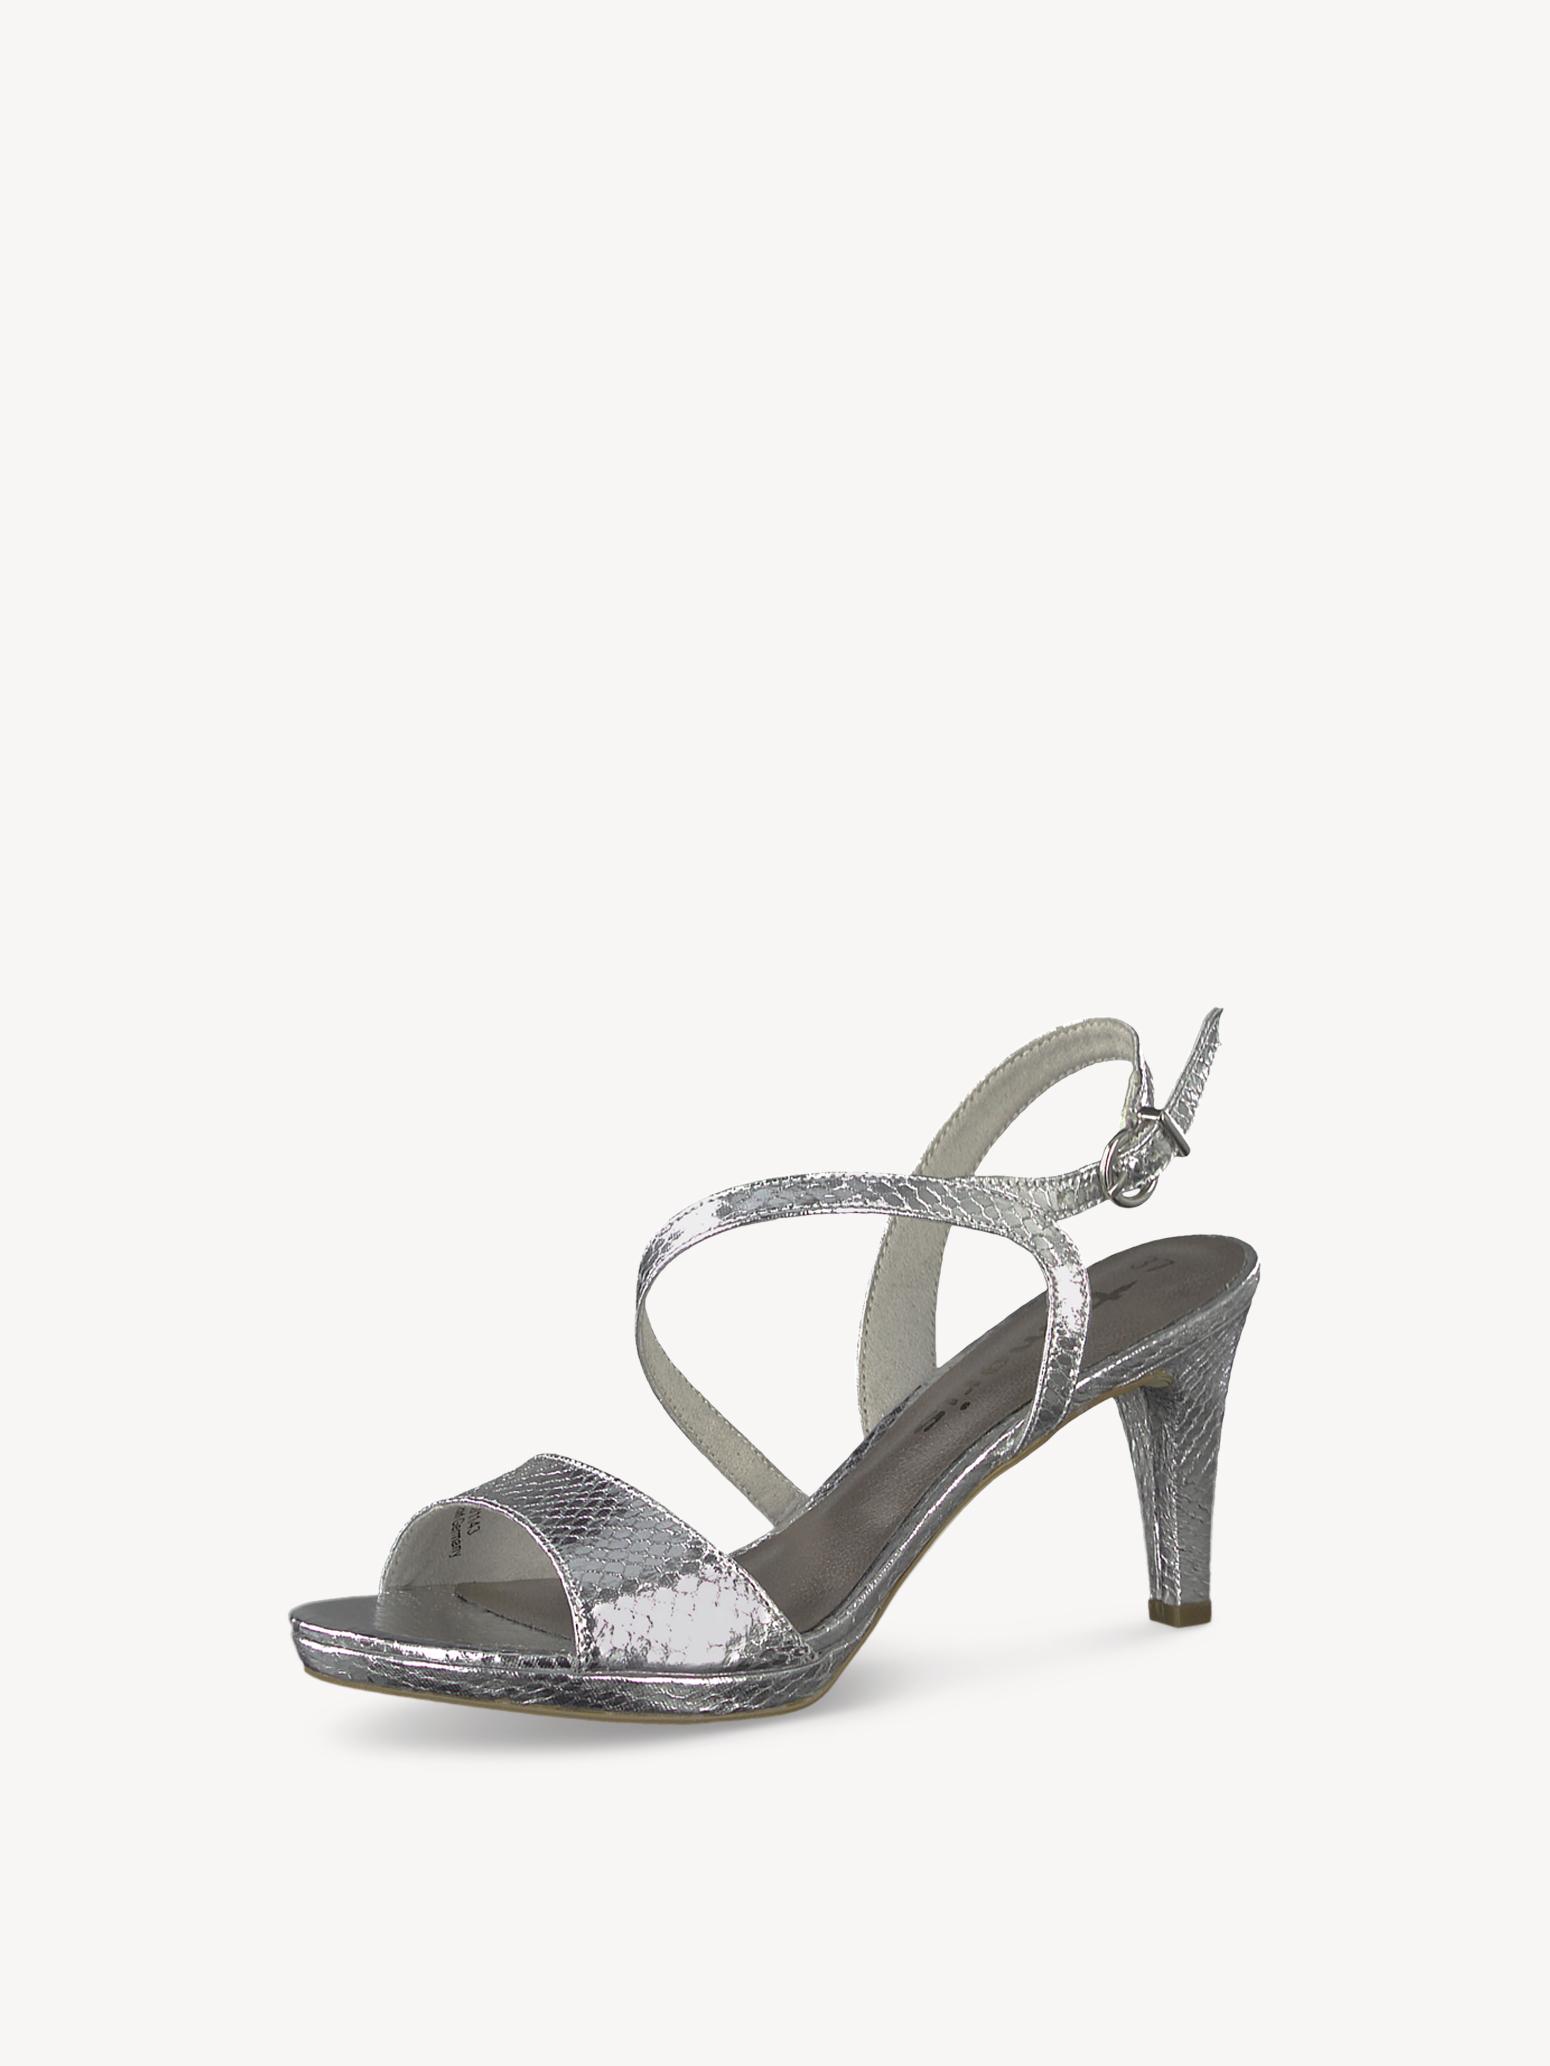 1 Online 28319 Kaufen Sandalette 1 Sandaletten 22Tamaris DHW2EI9